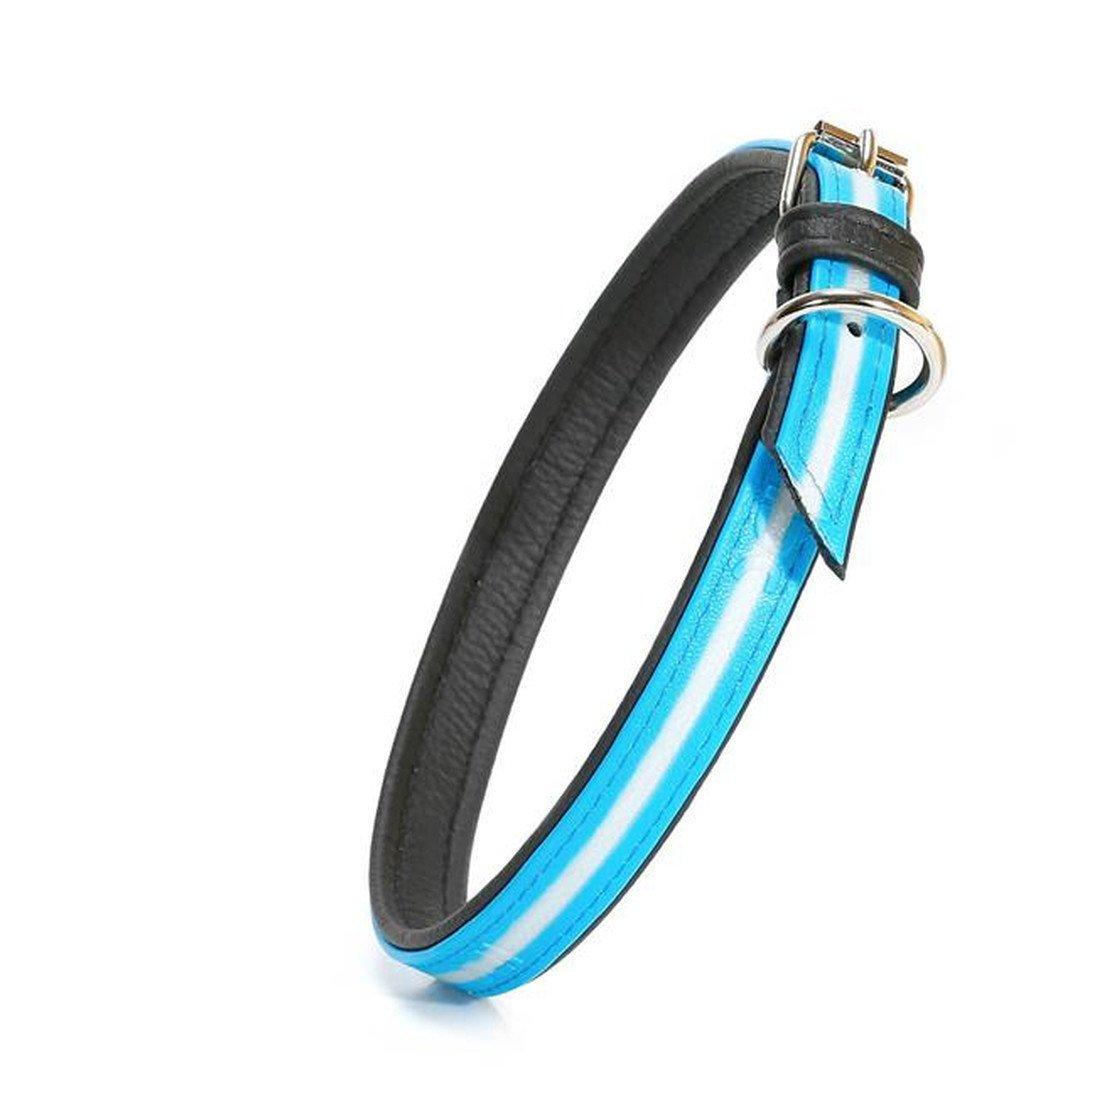 Julius K9 IDC Lumino Halsband, Bild 20